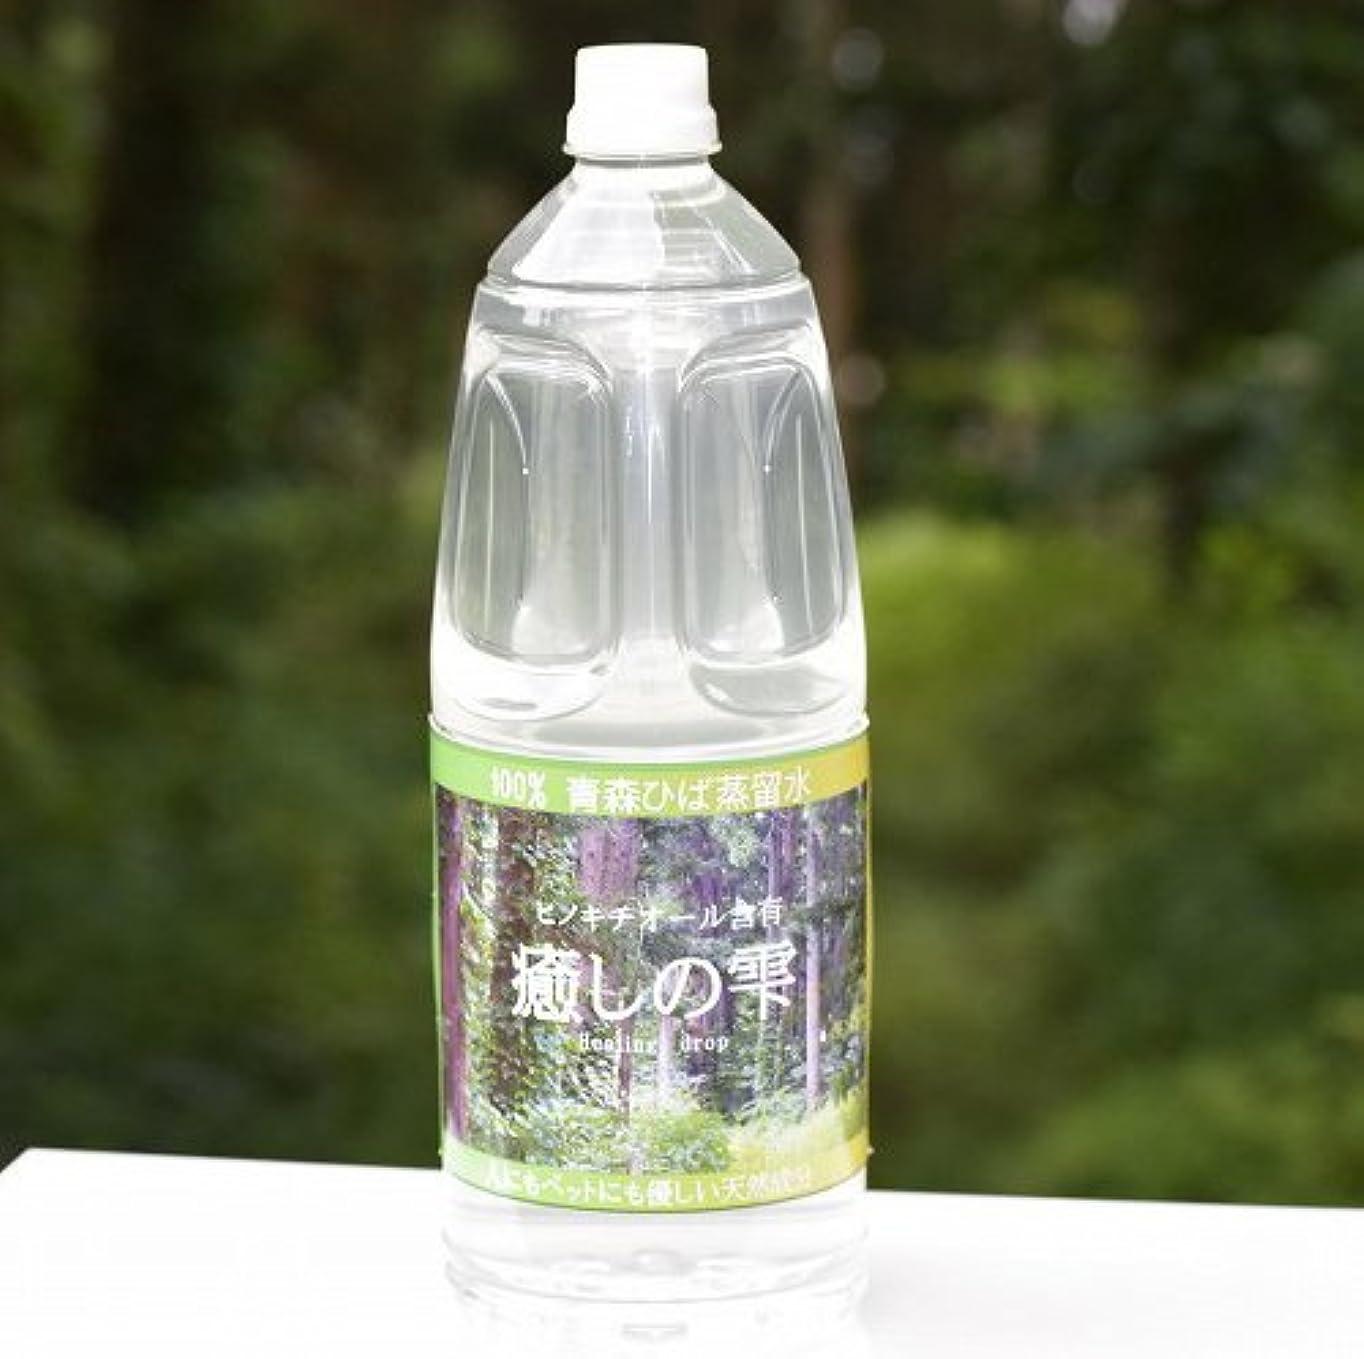 日帰り旅行にレトルト思い出させる青森ひば 天然ヒバ水 癒しの雫 蒸留水 送料無料 1.8L×1本 お試し